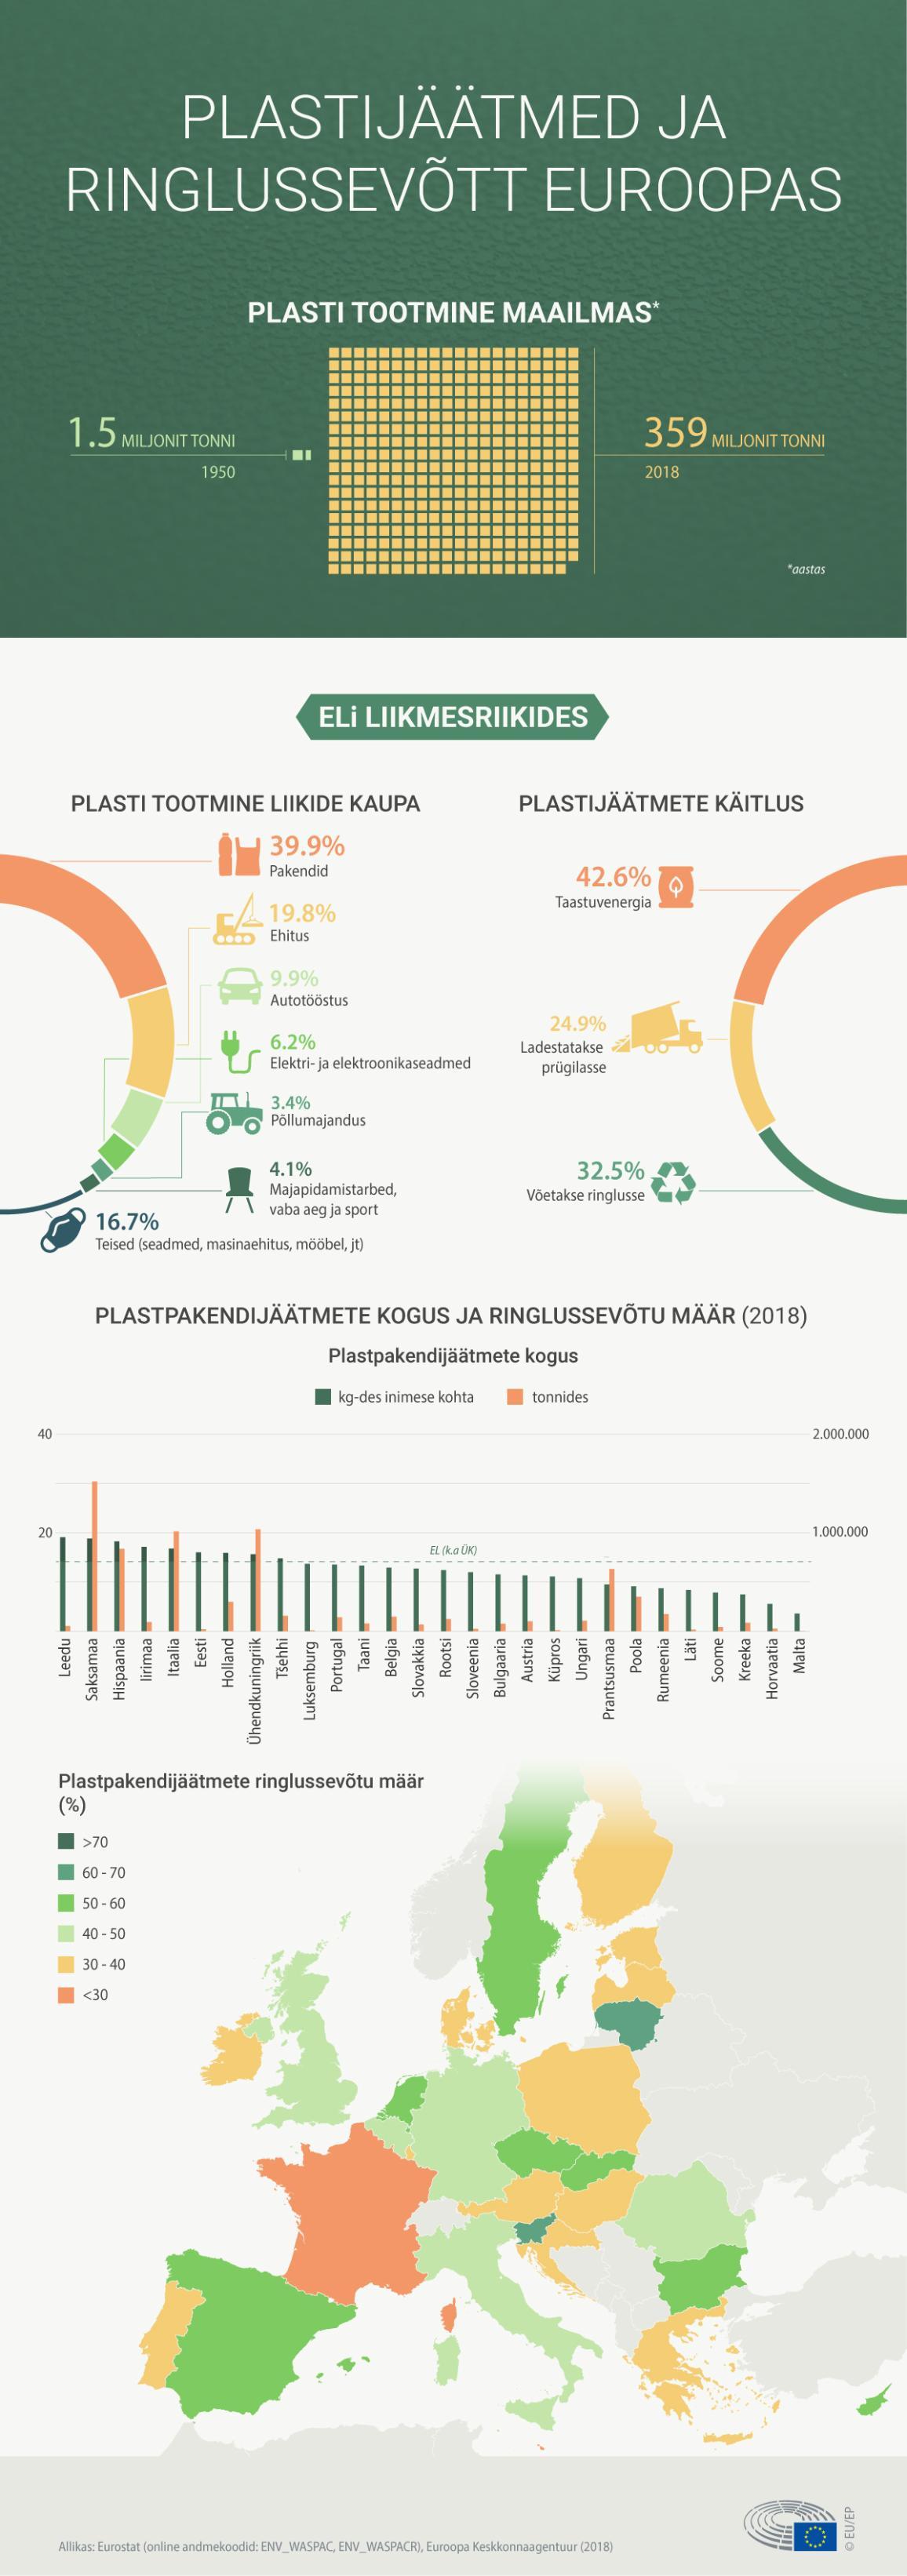 Plastijäätmed ja ringlussevõtt Euroopas.